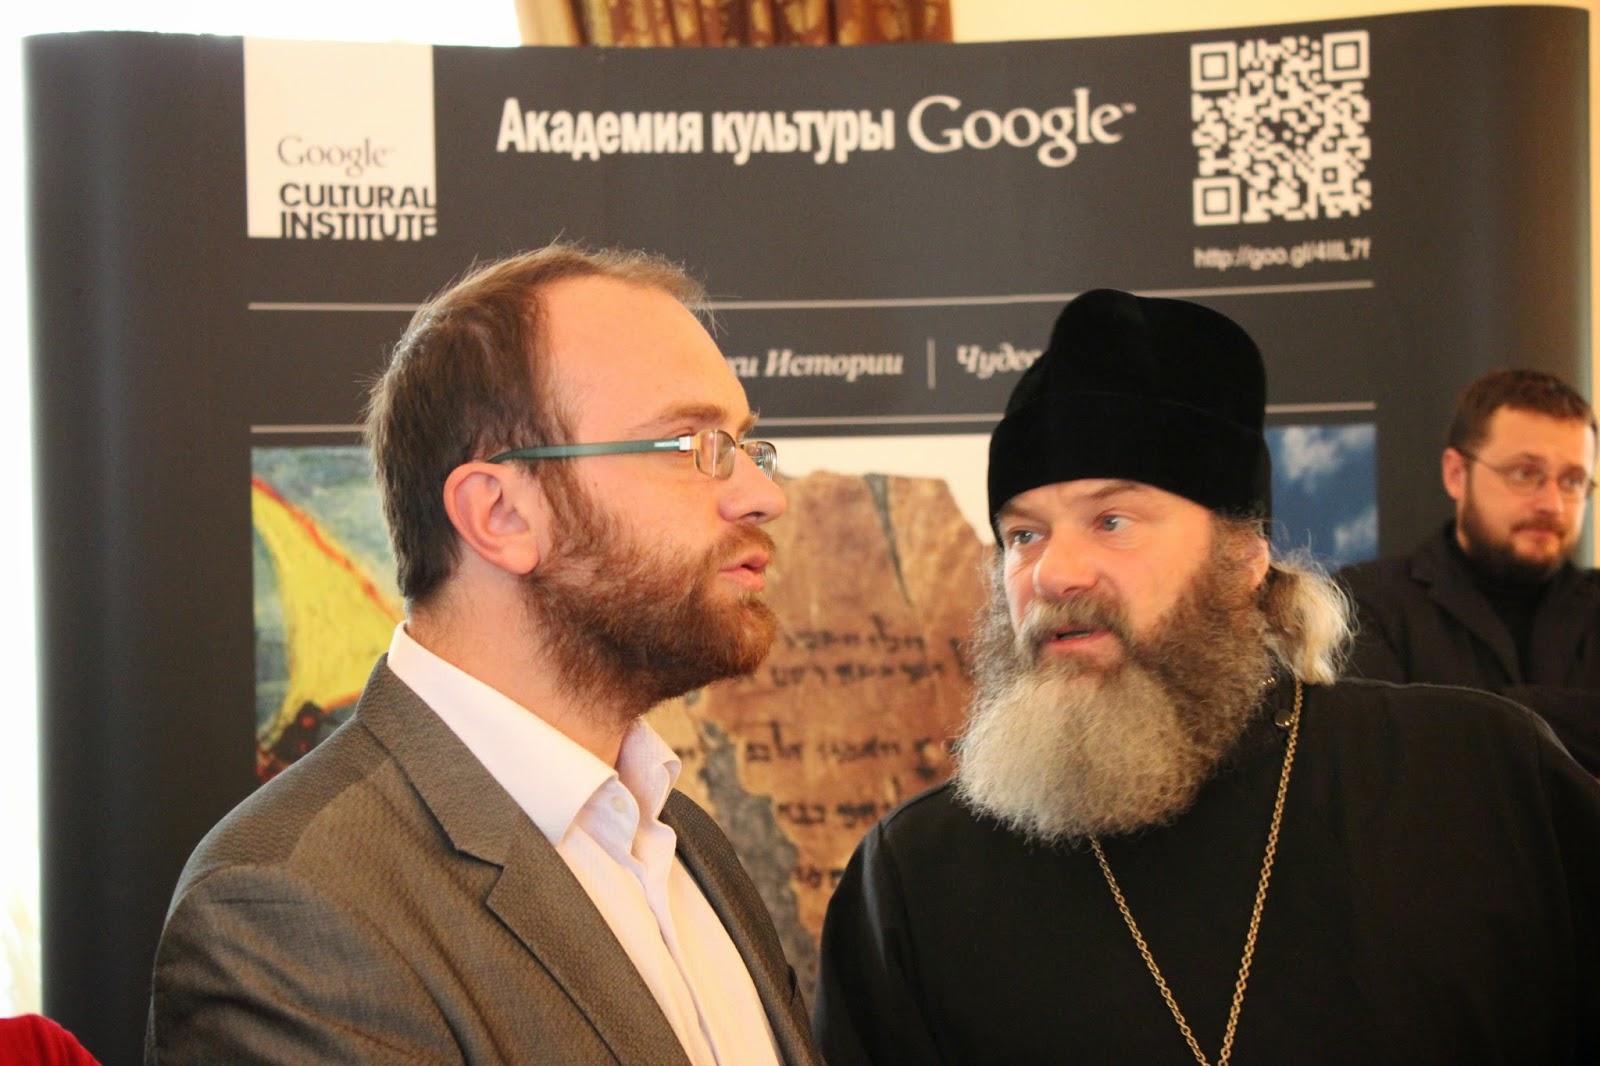 Заведующий Паломническим центром иеромонах Анатолий (Серебров) представляет совместный проект Лавры с Google.